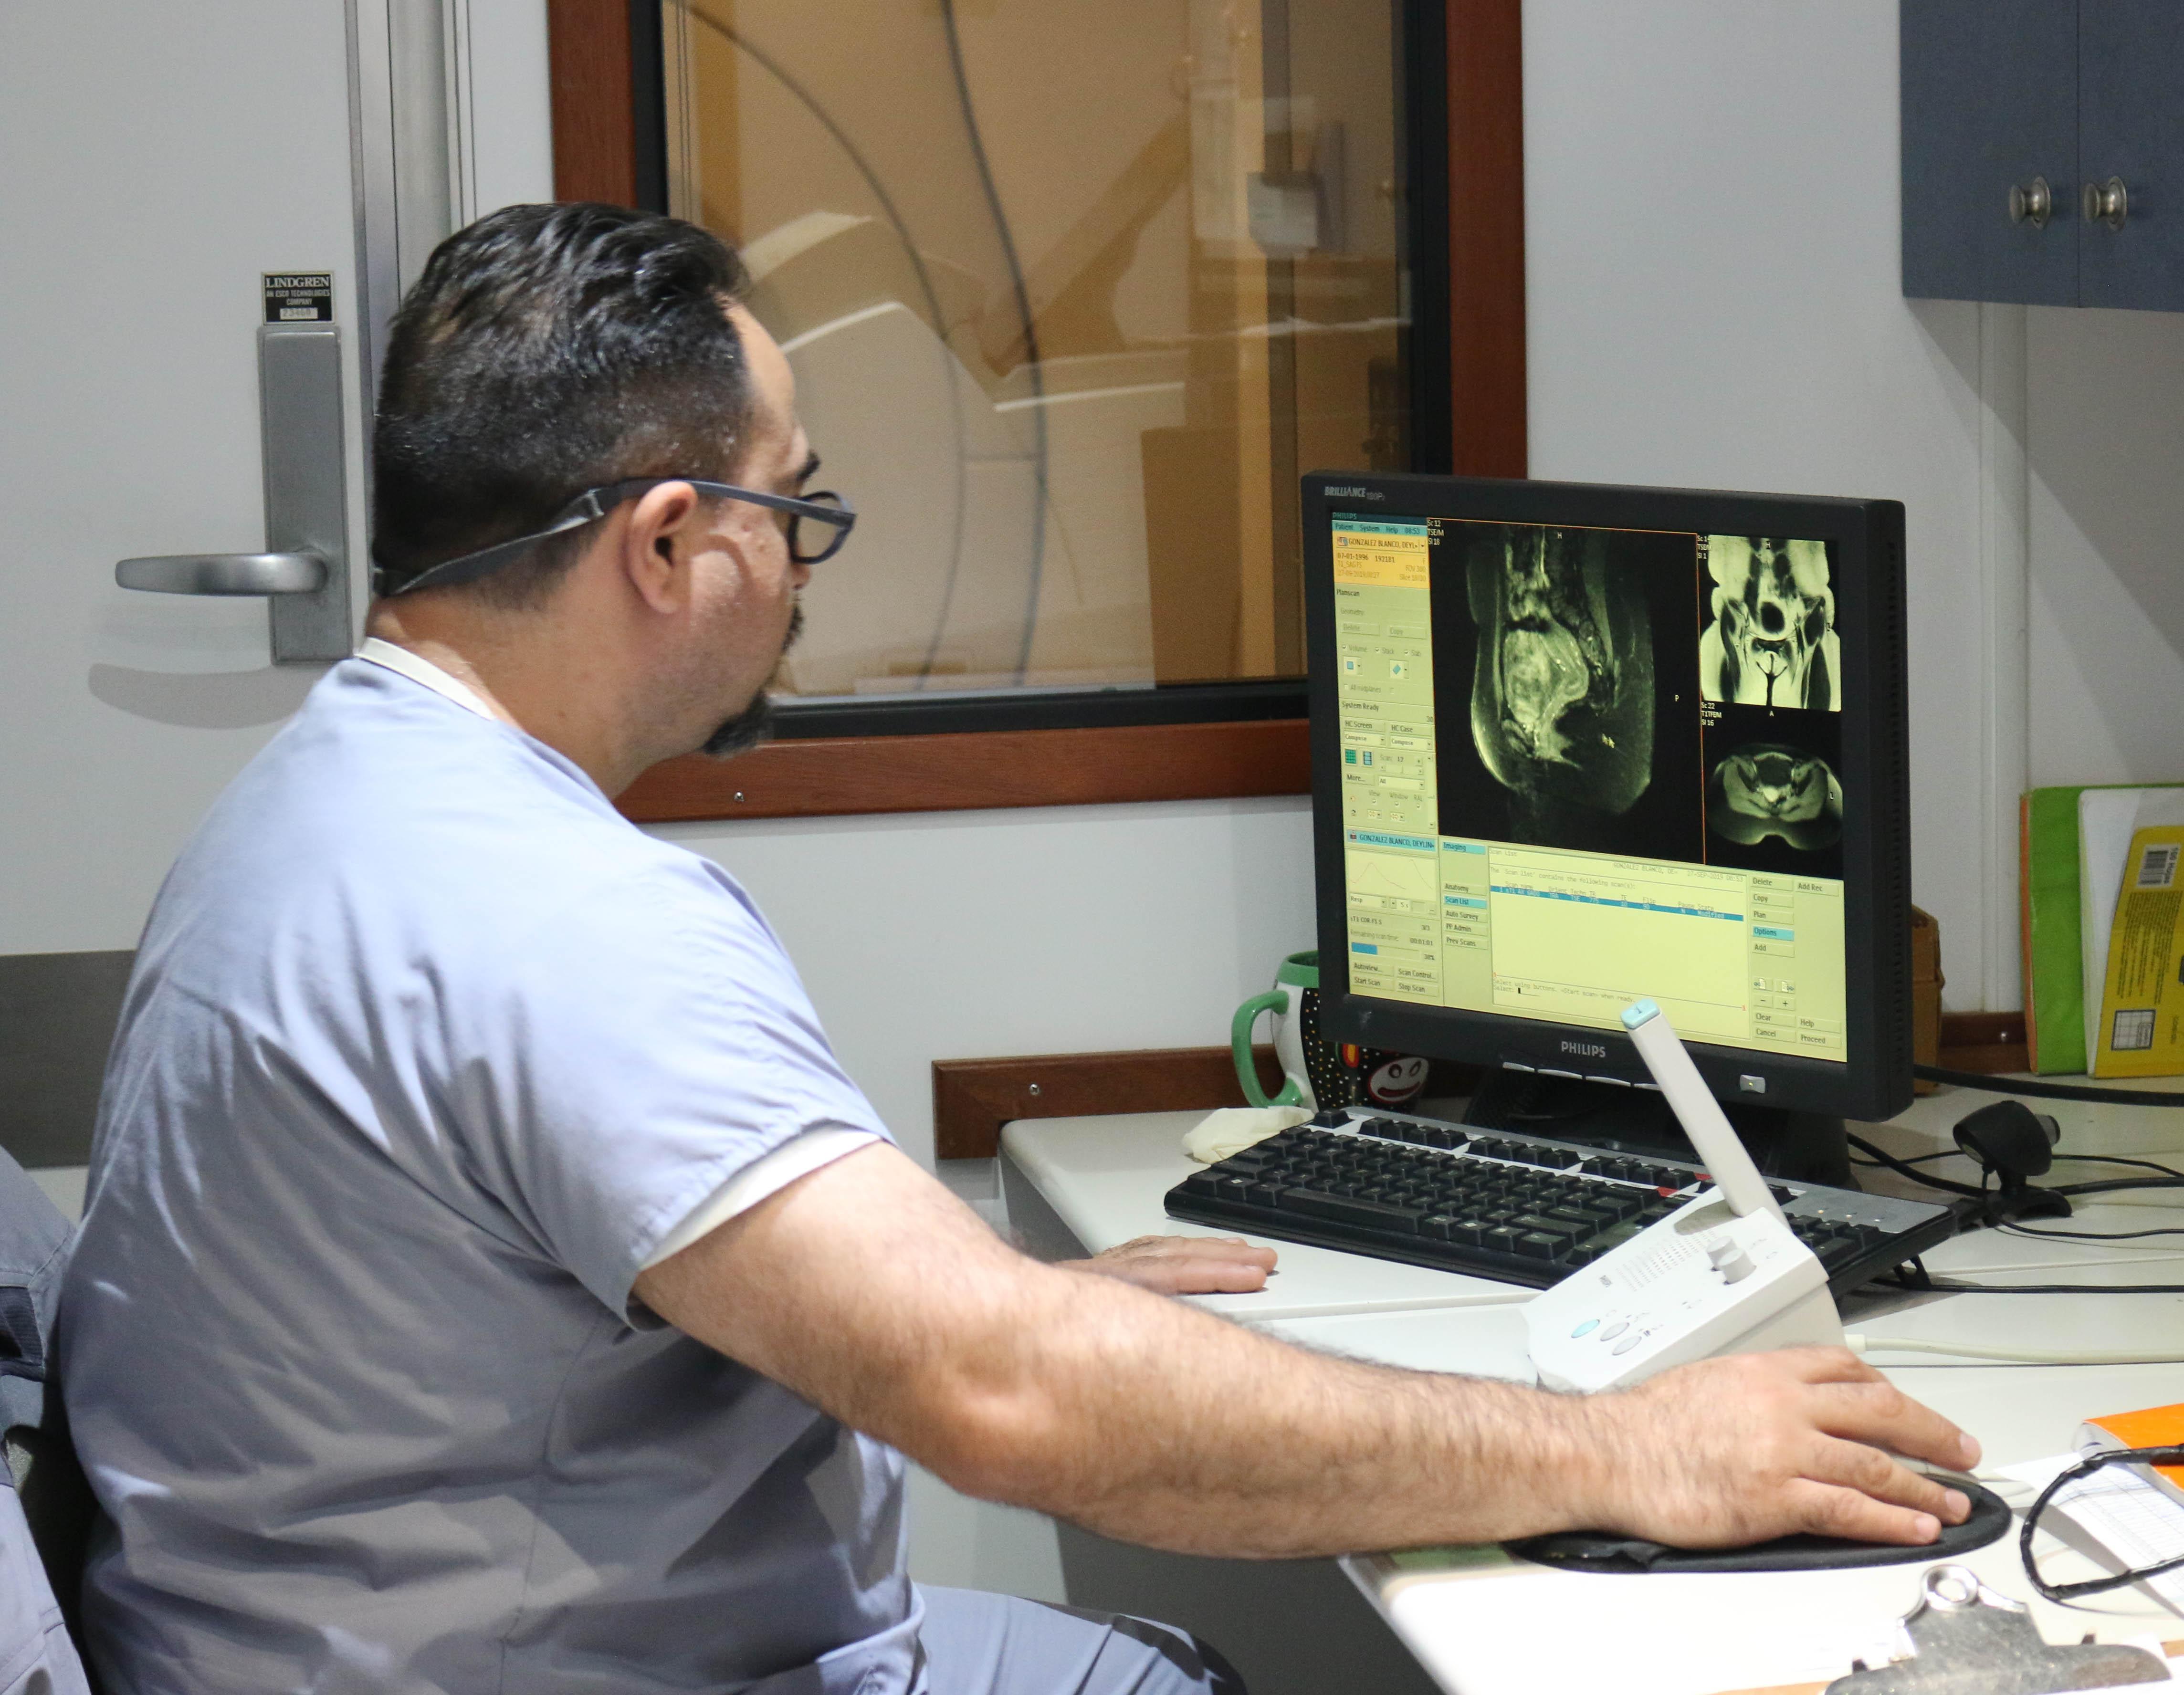 Pacientes de Estados Unidos, Canadá y Centroamérica visitan Guatemala para obtener servicios médicos de exportación